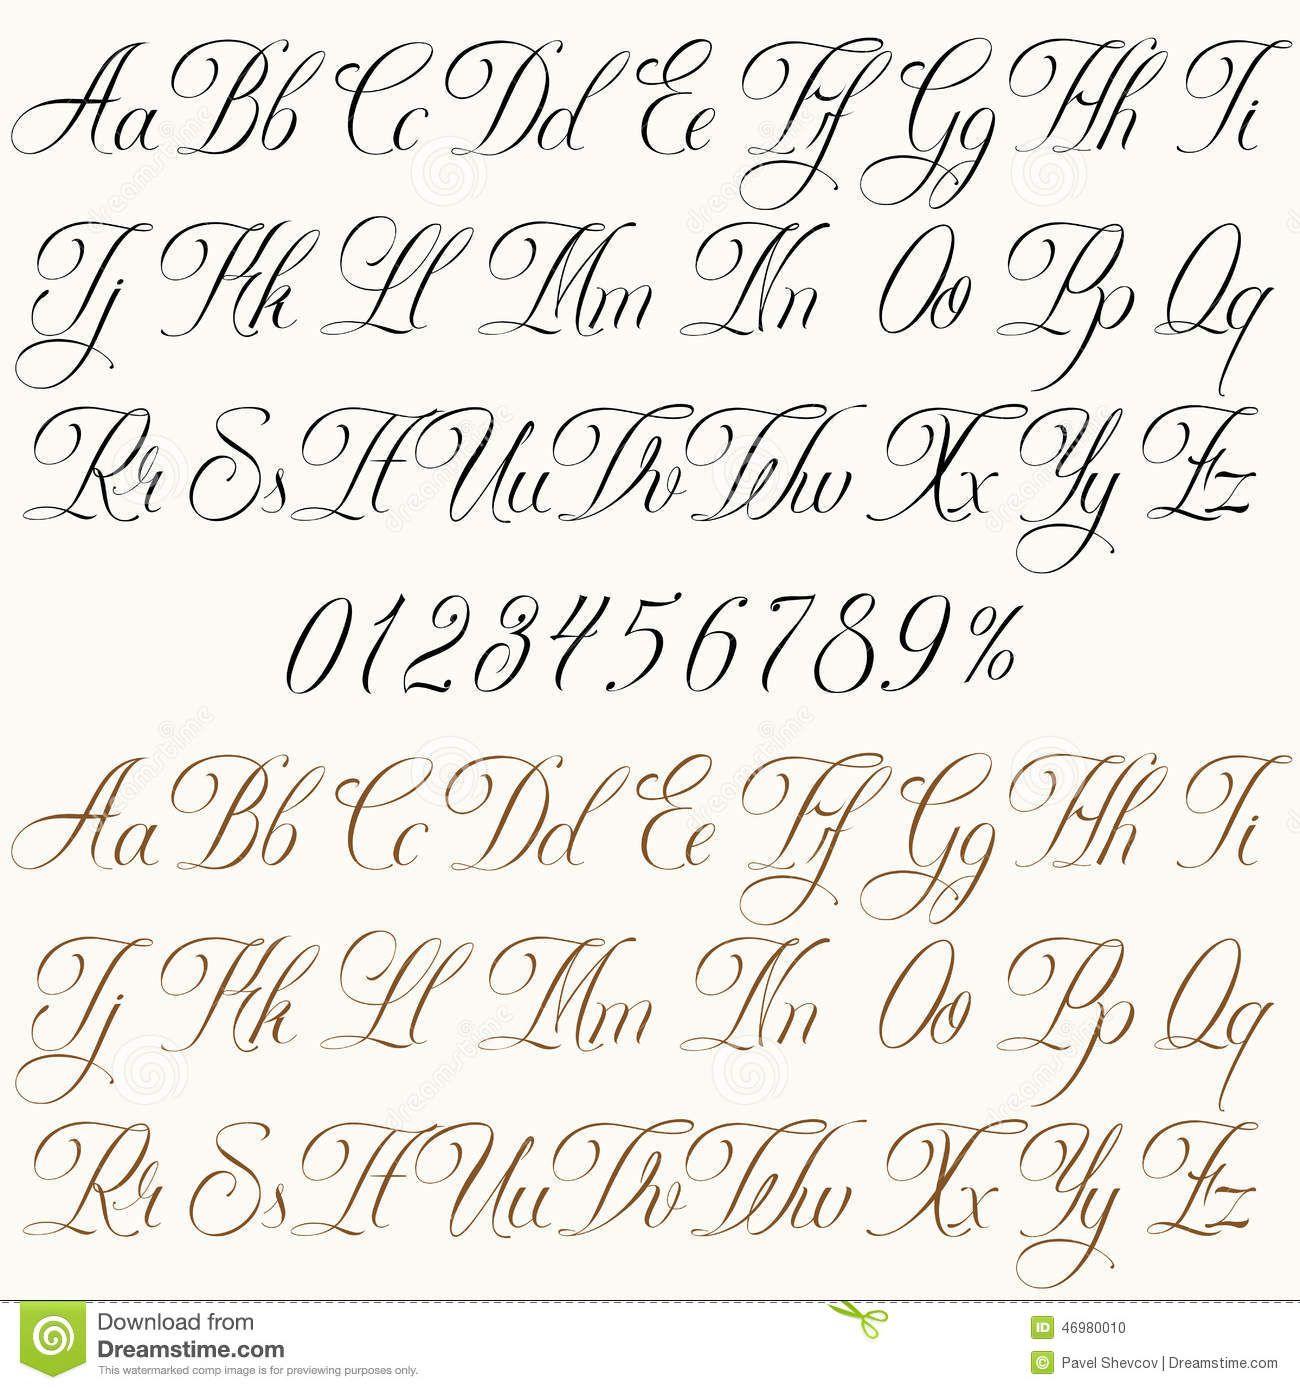 Populaire font numeri corsivo - Cerca con Google | Caligrafia | Pinterest RJ66